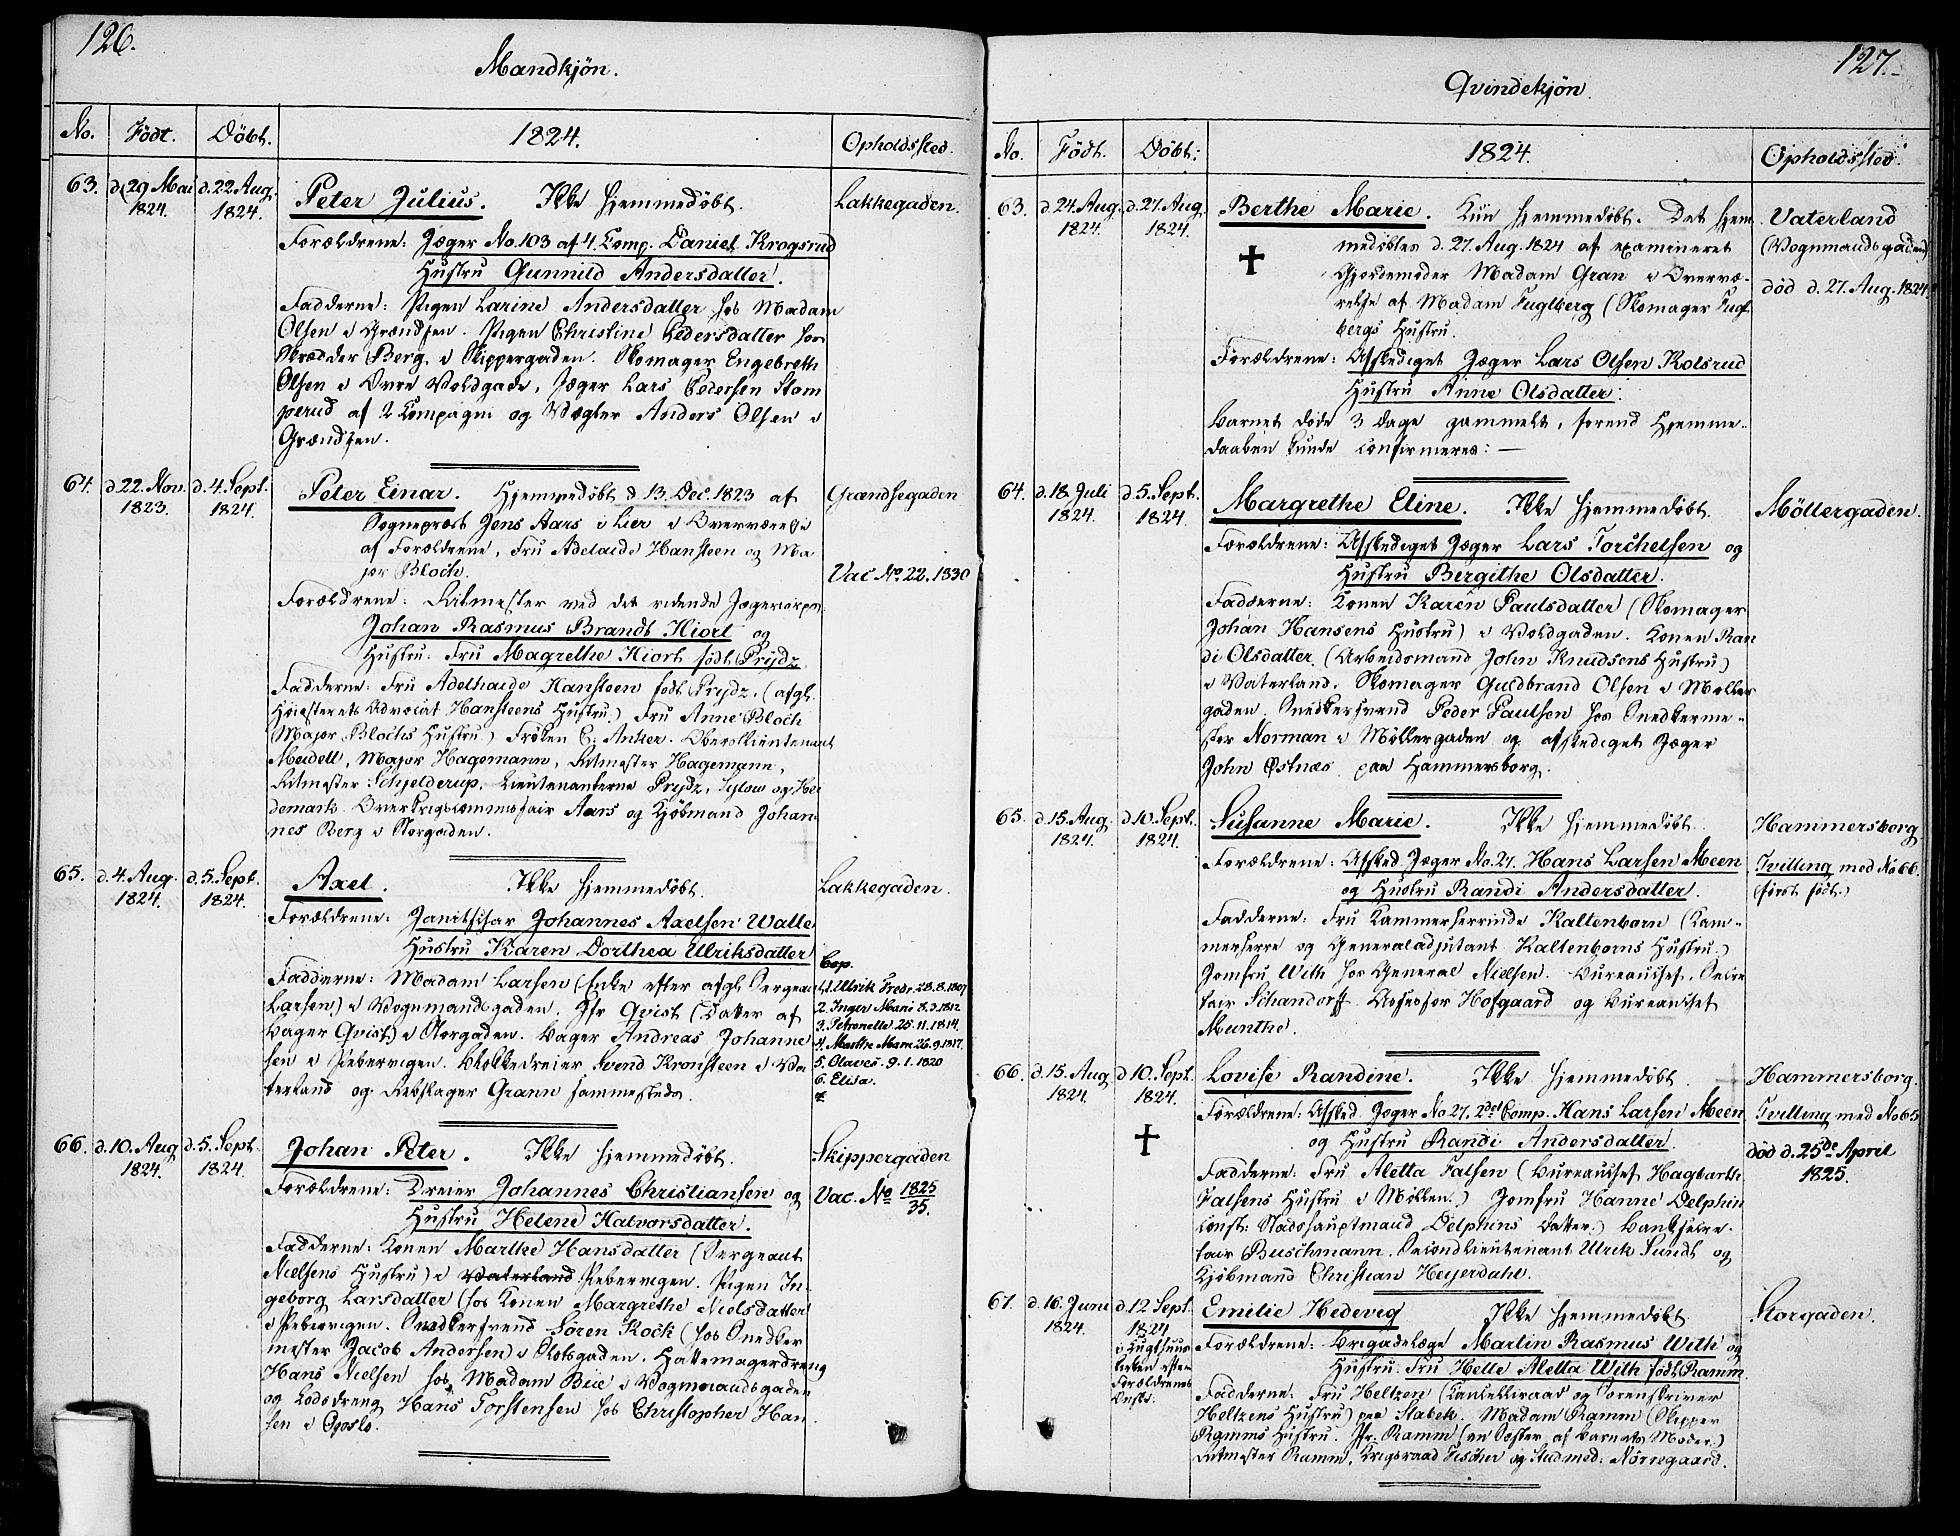 SAO, Garnisonsmenigheten Kirkebøker, F/Fa/L0004: Ministerialbok nr. 4, 1820-1828, s. 126-127